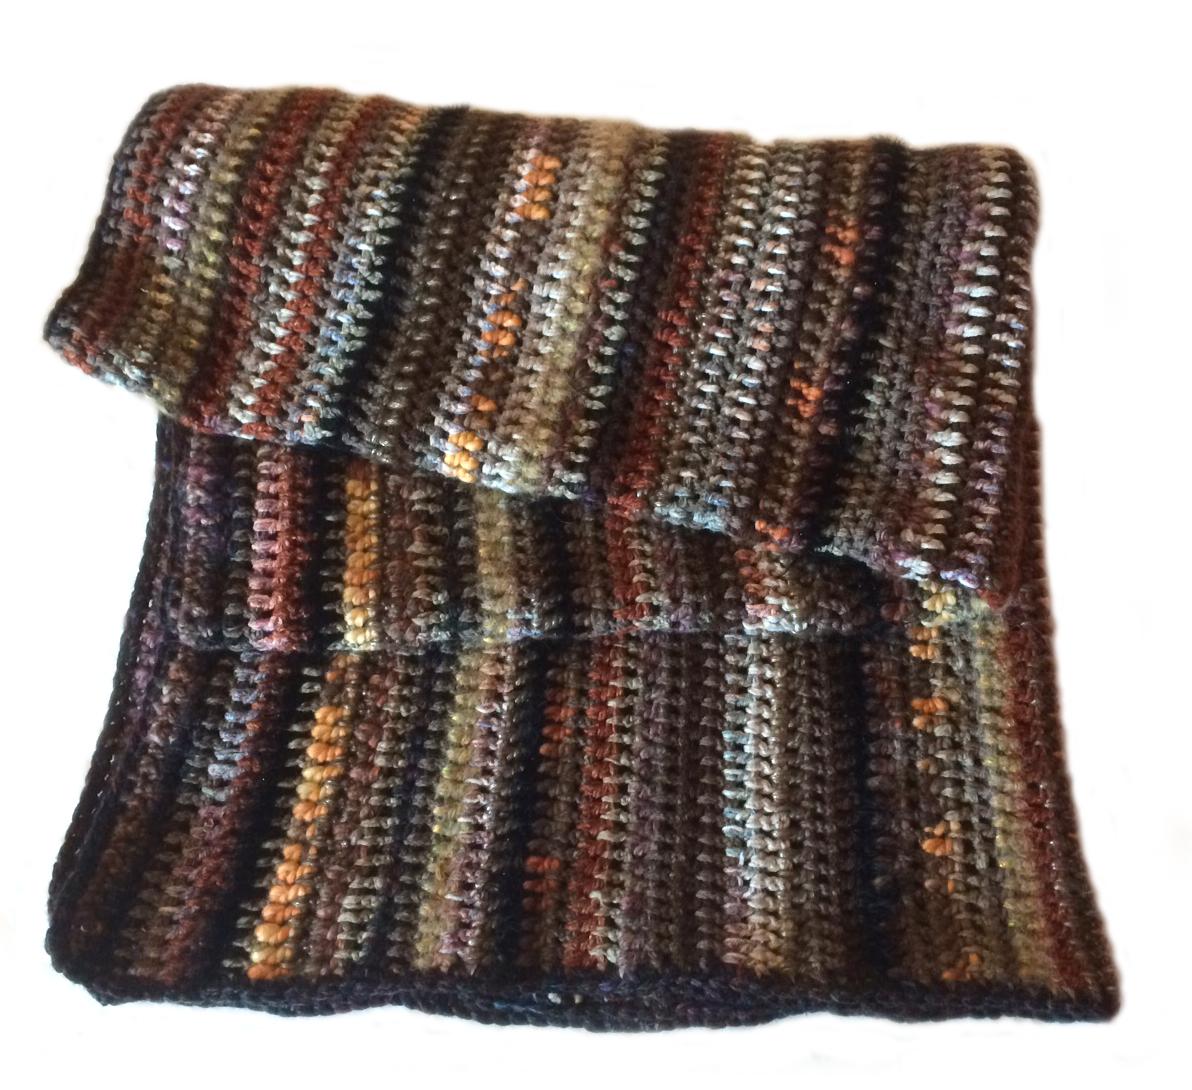 Wool Monkey Crochet Spice Blanket Free Pattern